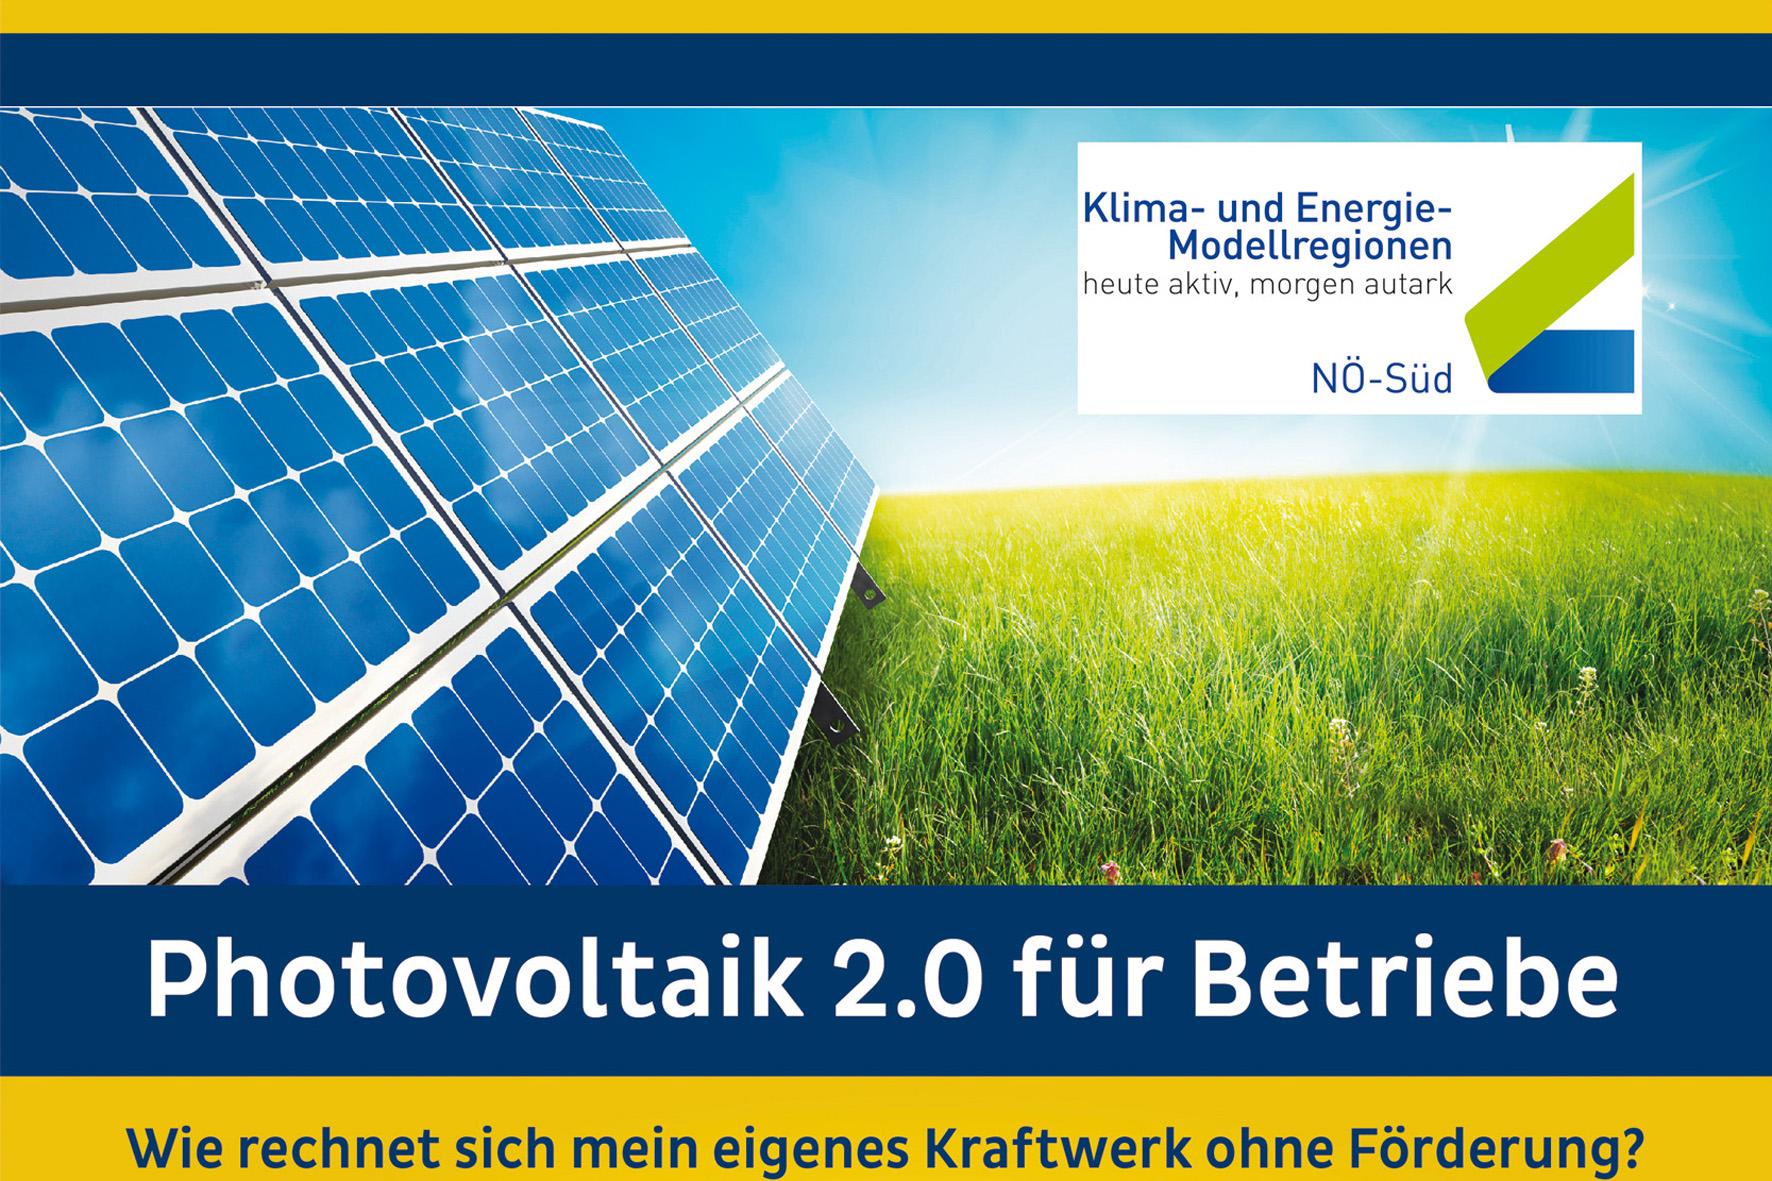 Photovoltaik 2.0 für Betriebe